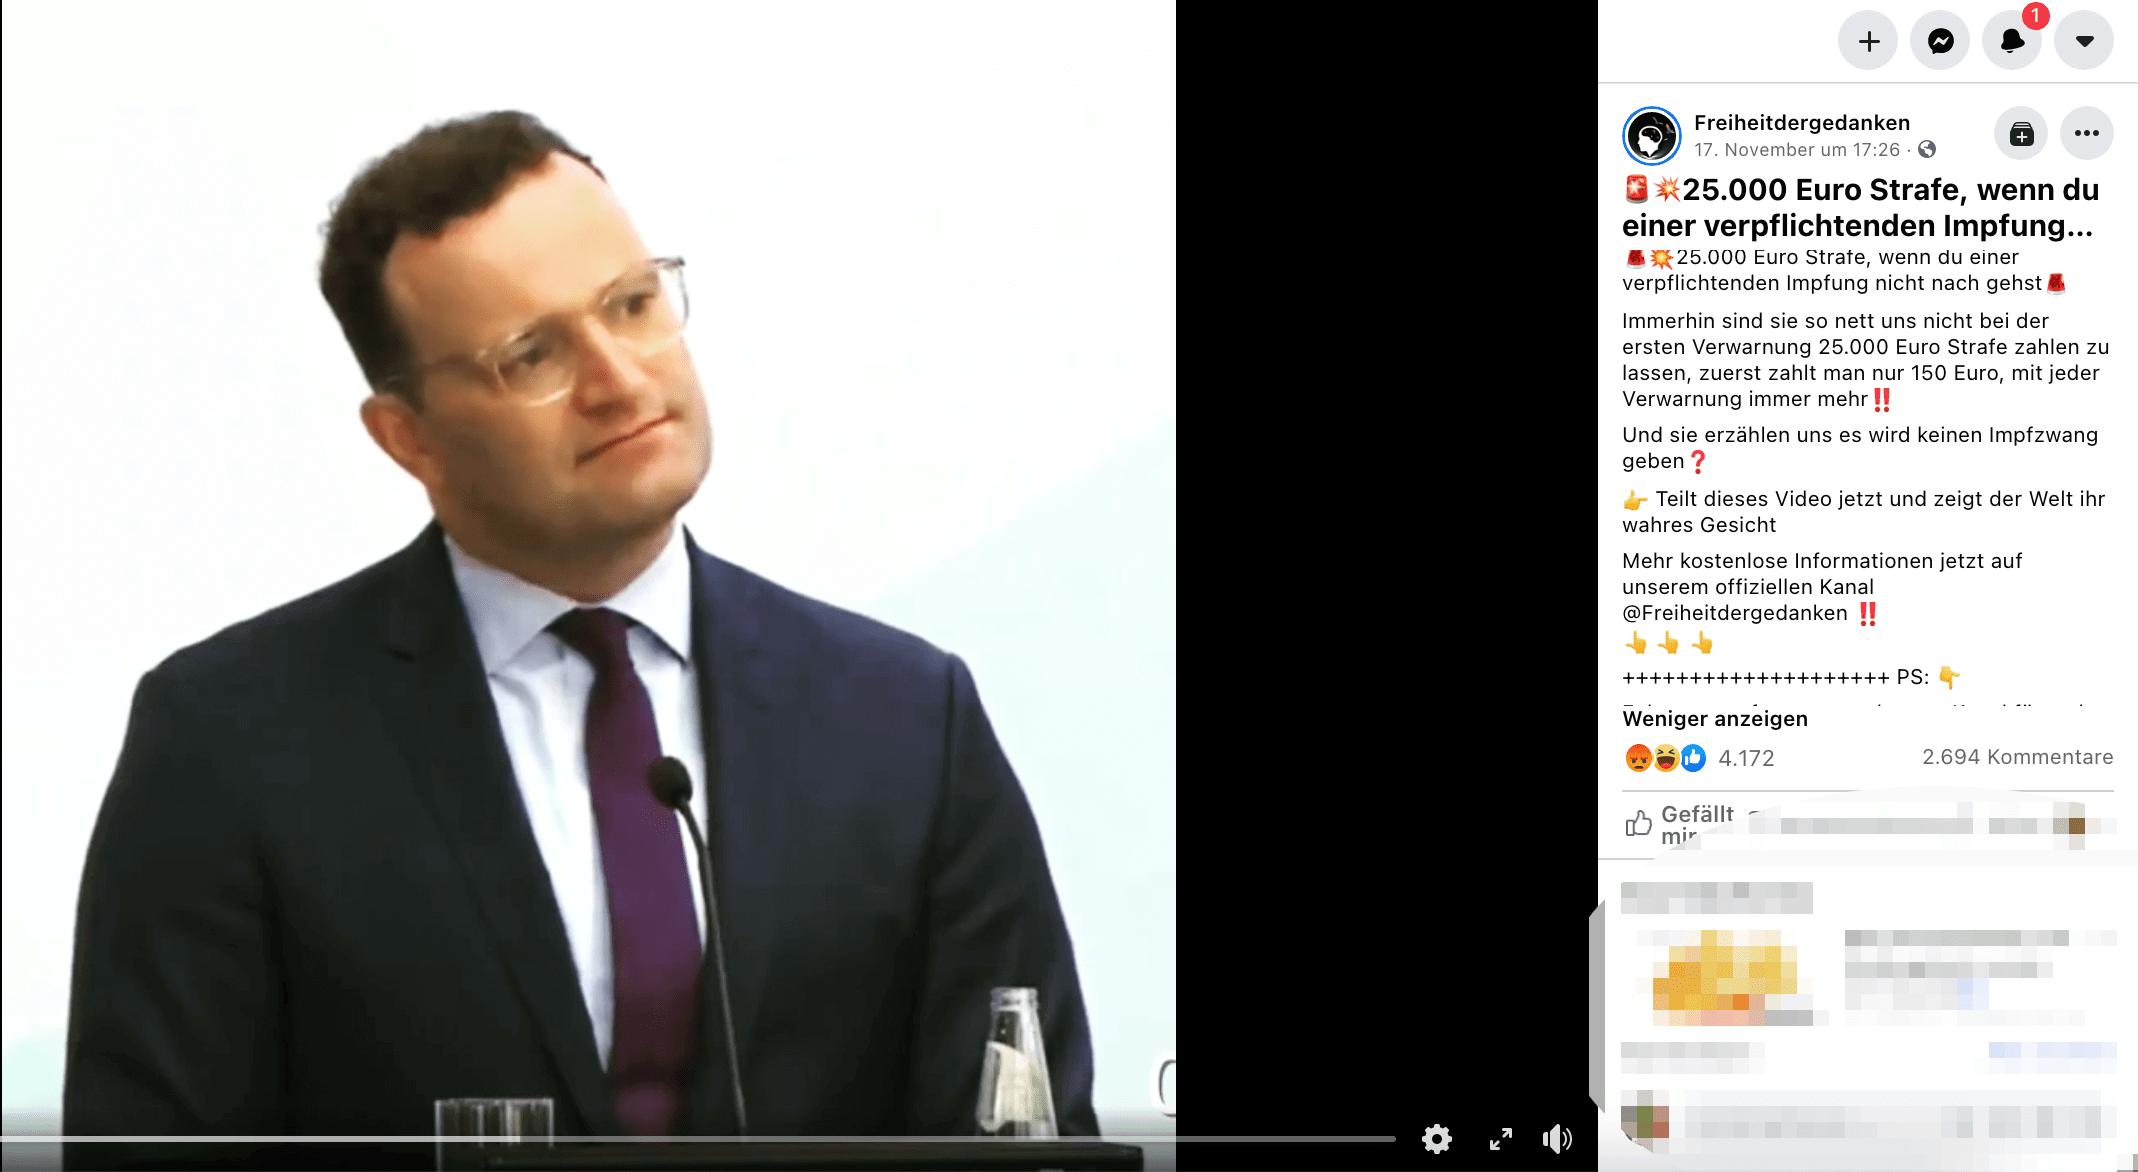 Video irreführend geschnitten: Nein, Jens Spahn kündigte keine Geldstrafe von 25.000 Euro für Nicht-Geimpfte an